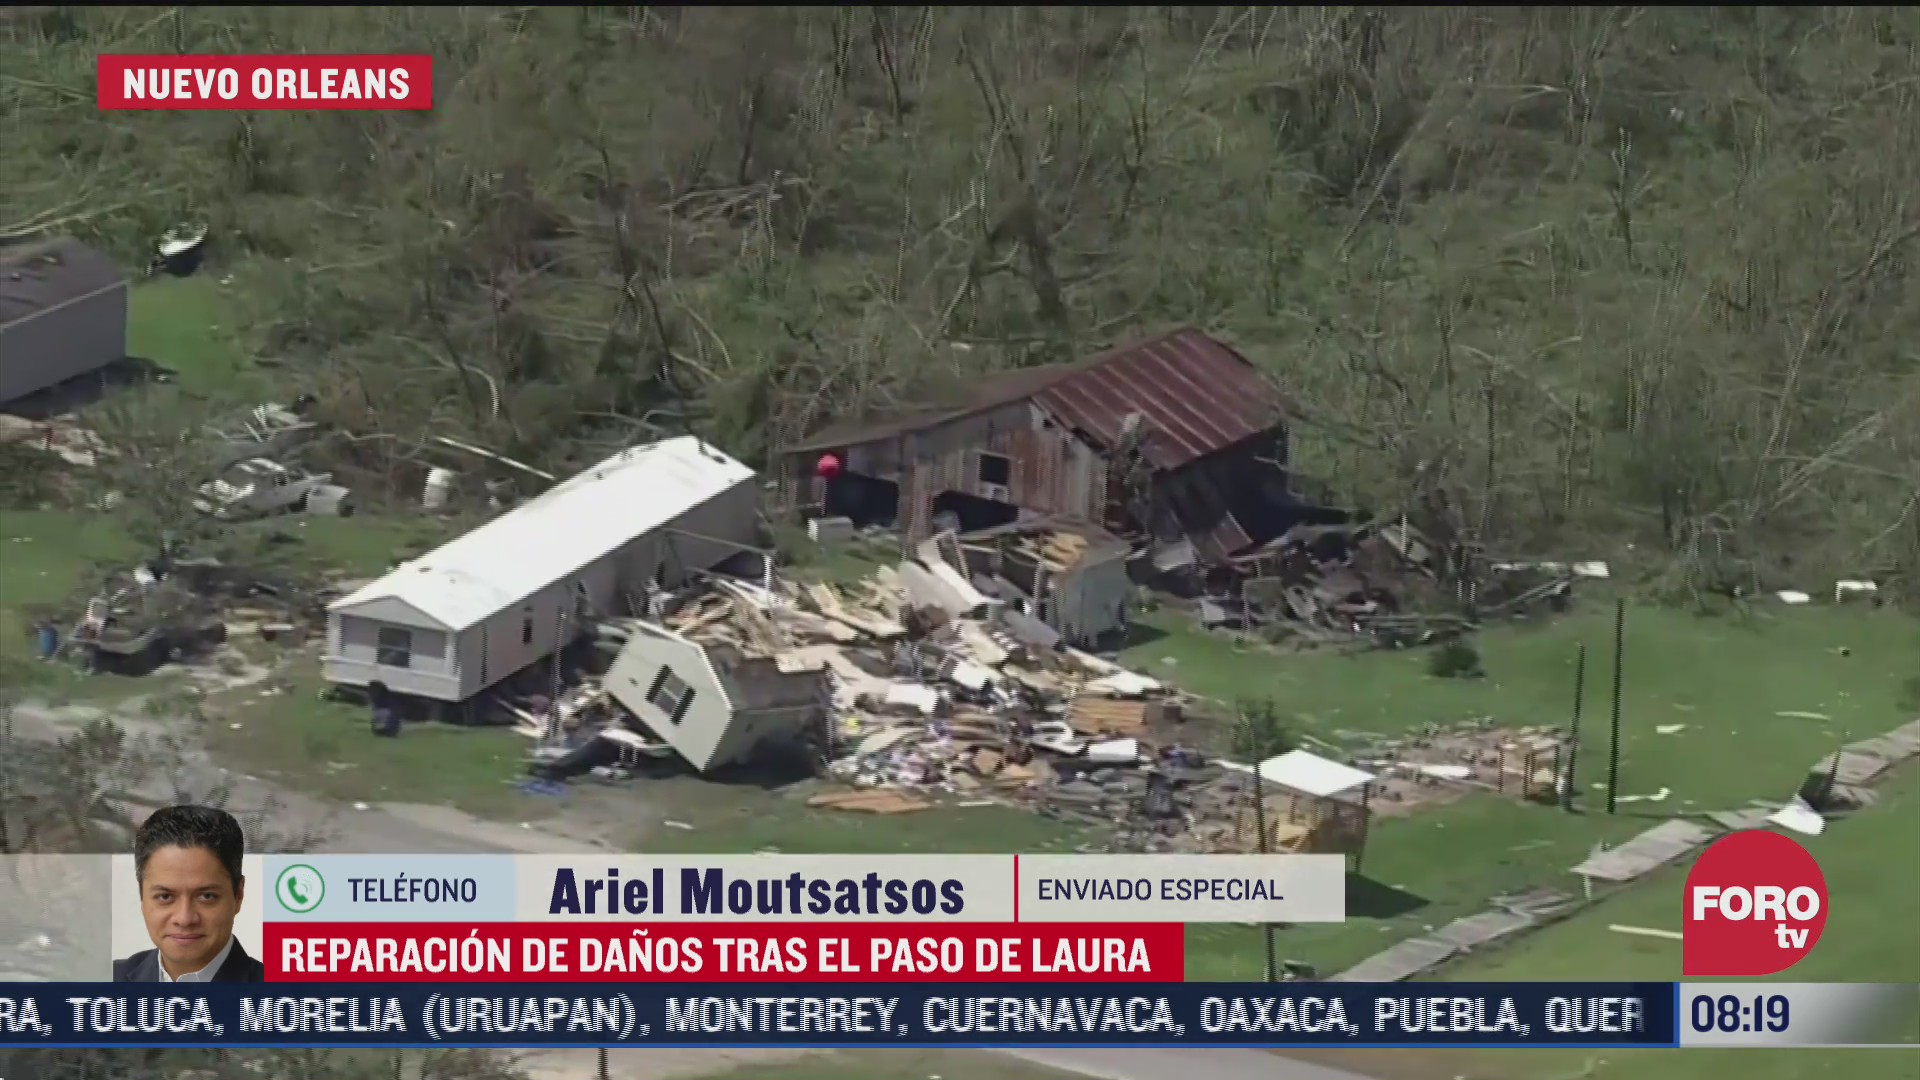 reparacion de danos en louisiana texas y arkansas tras paso de laura